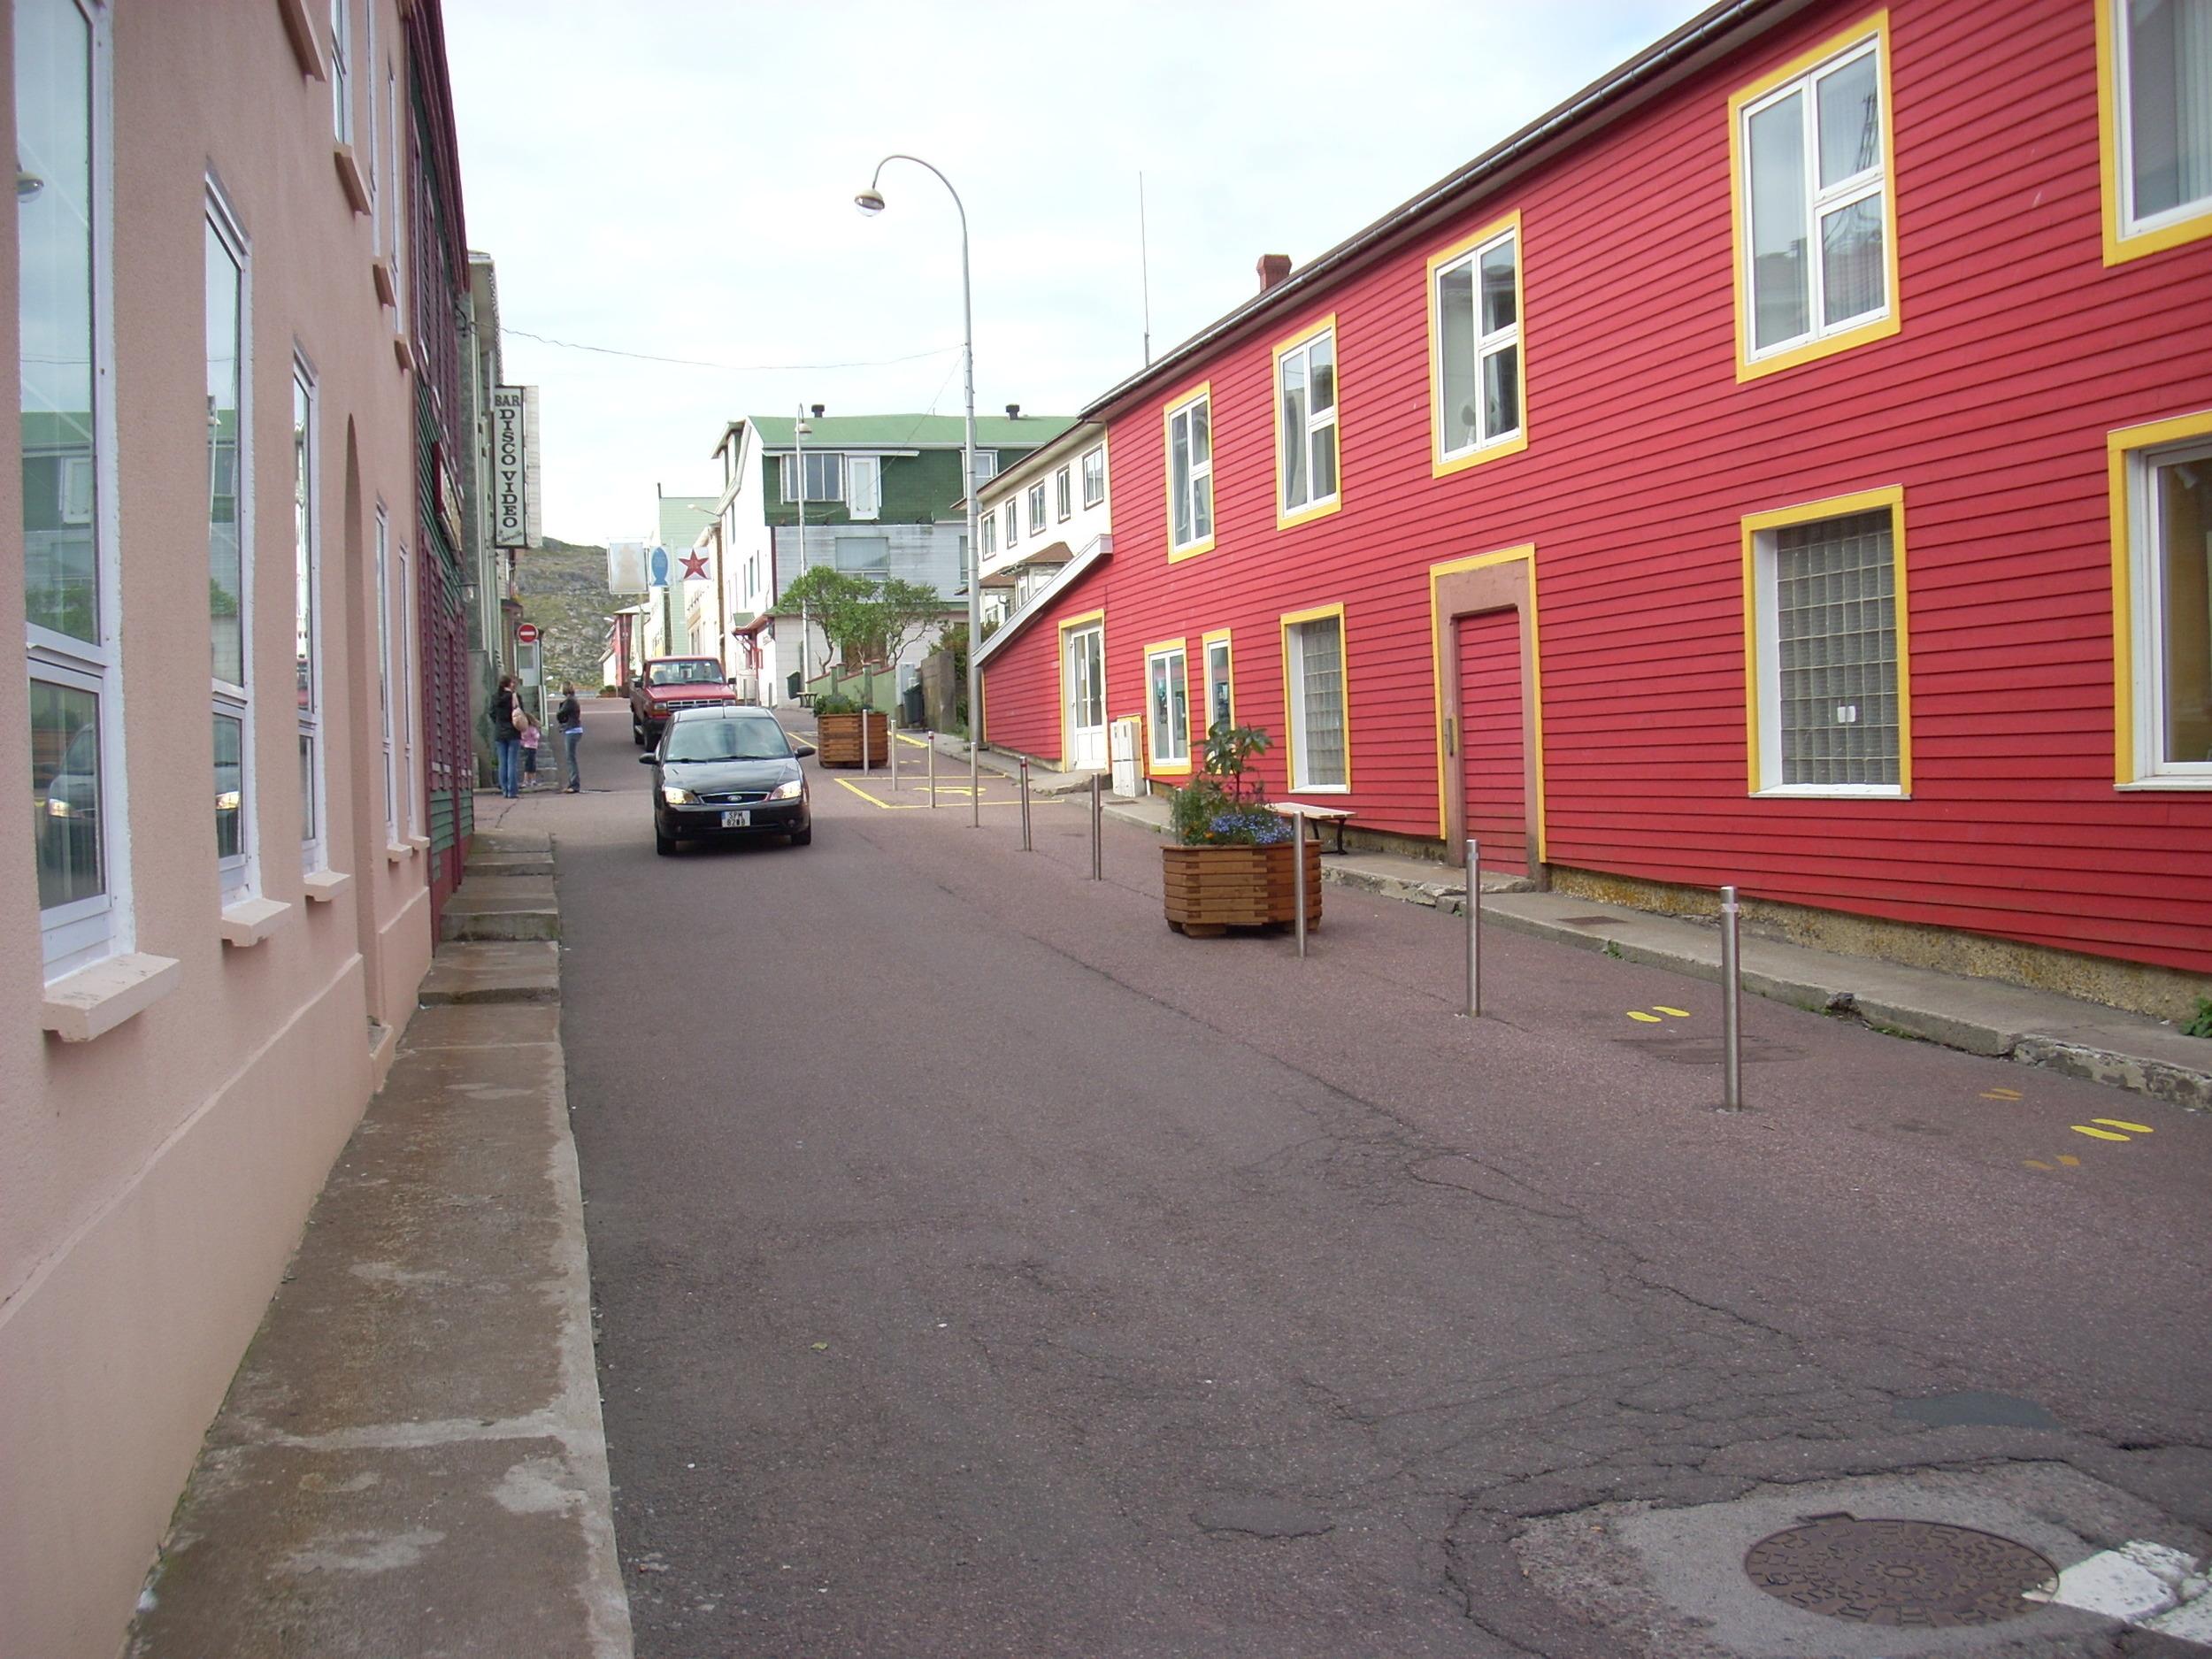 St. Pierre & Miquelon